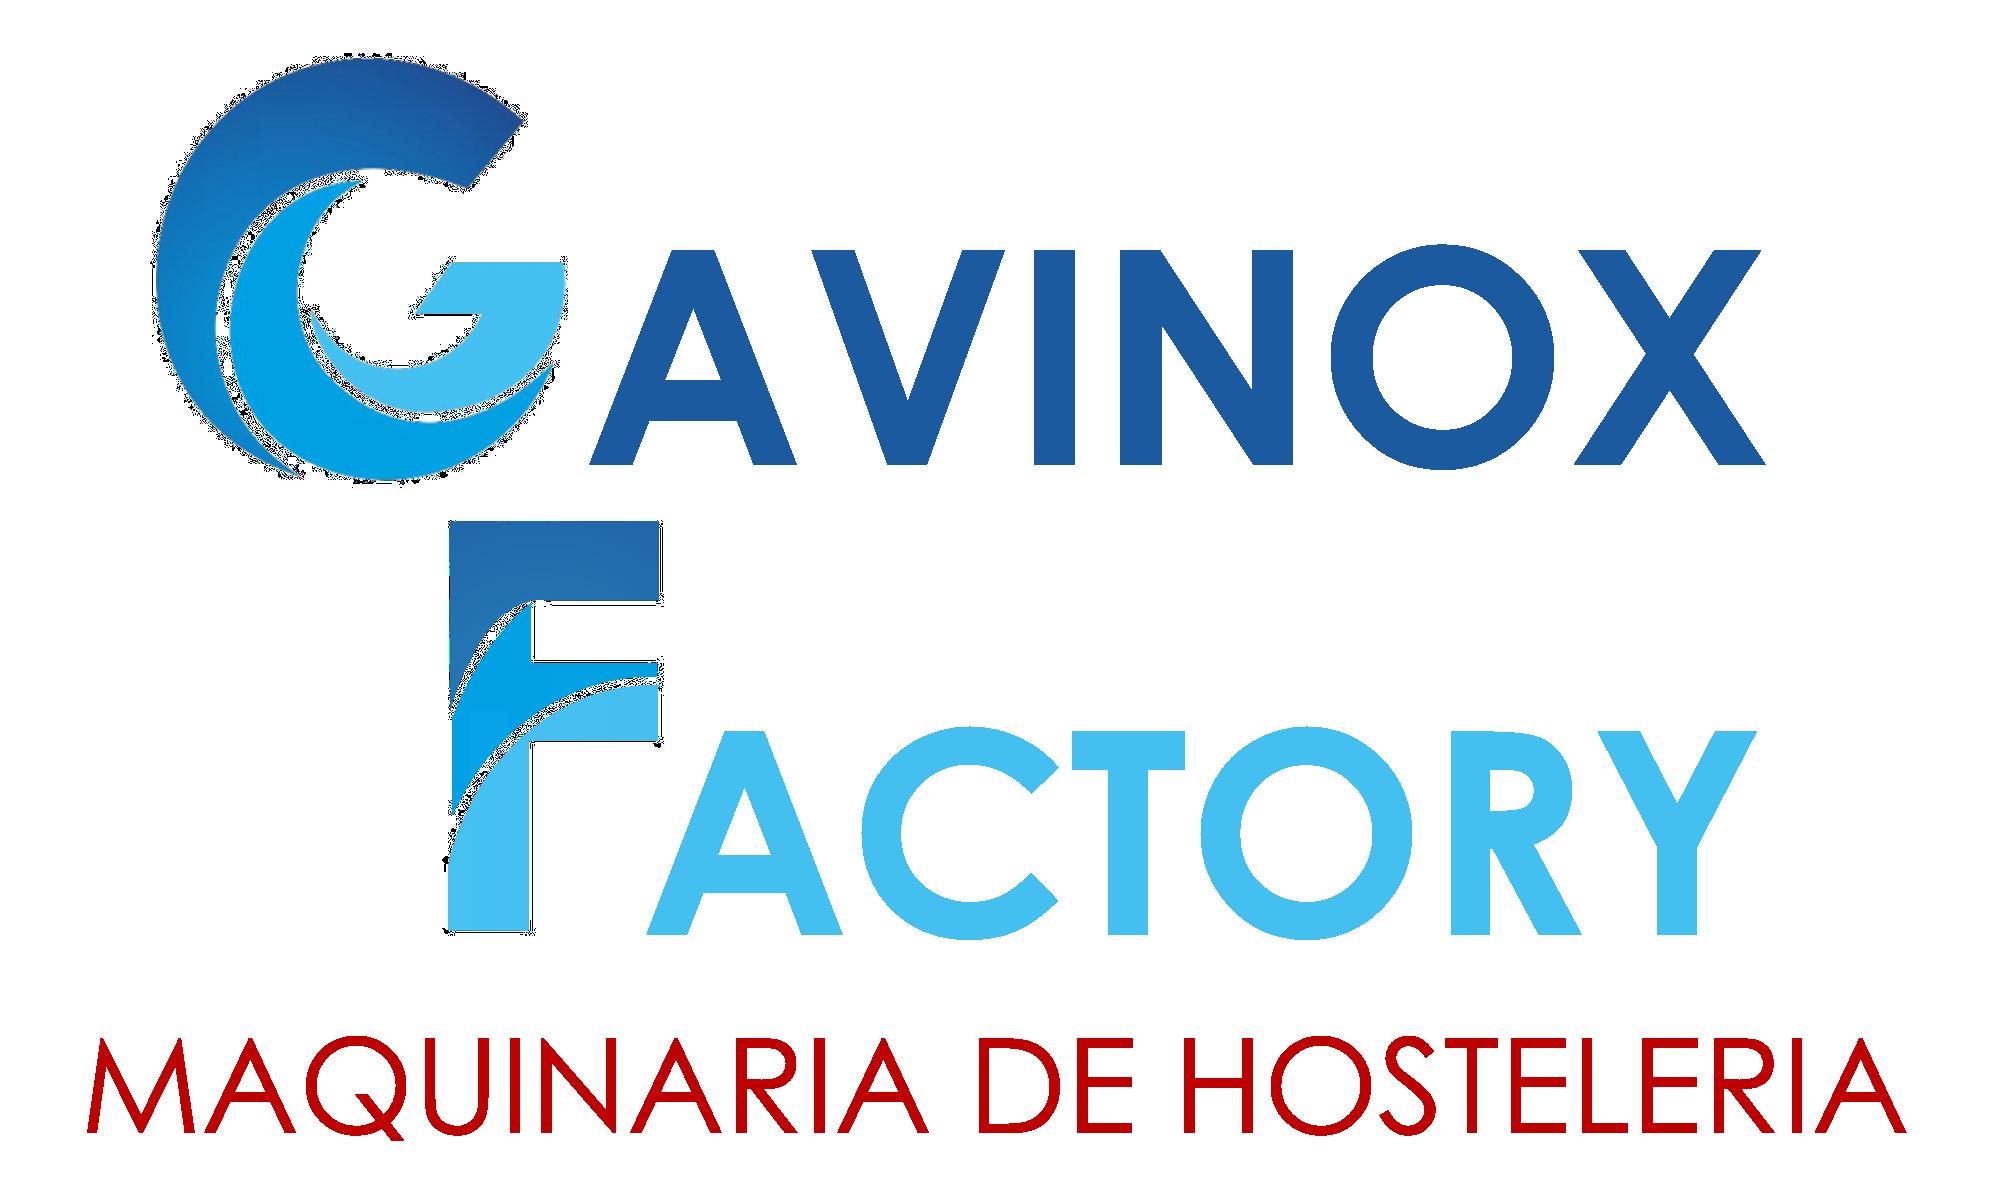 Gavinox